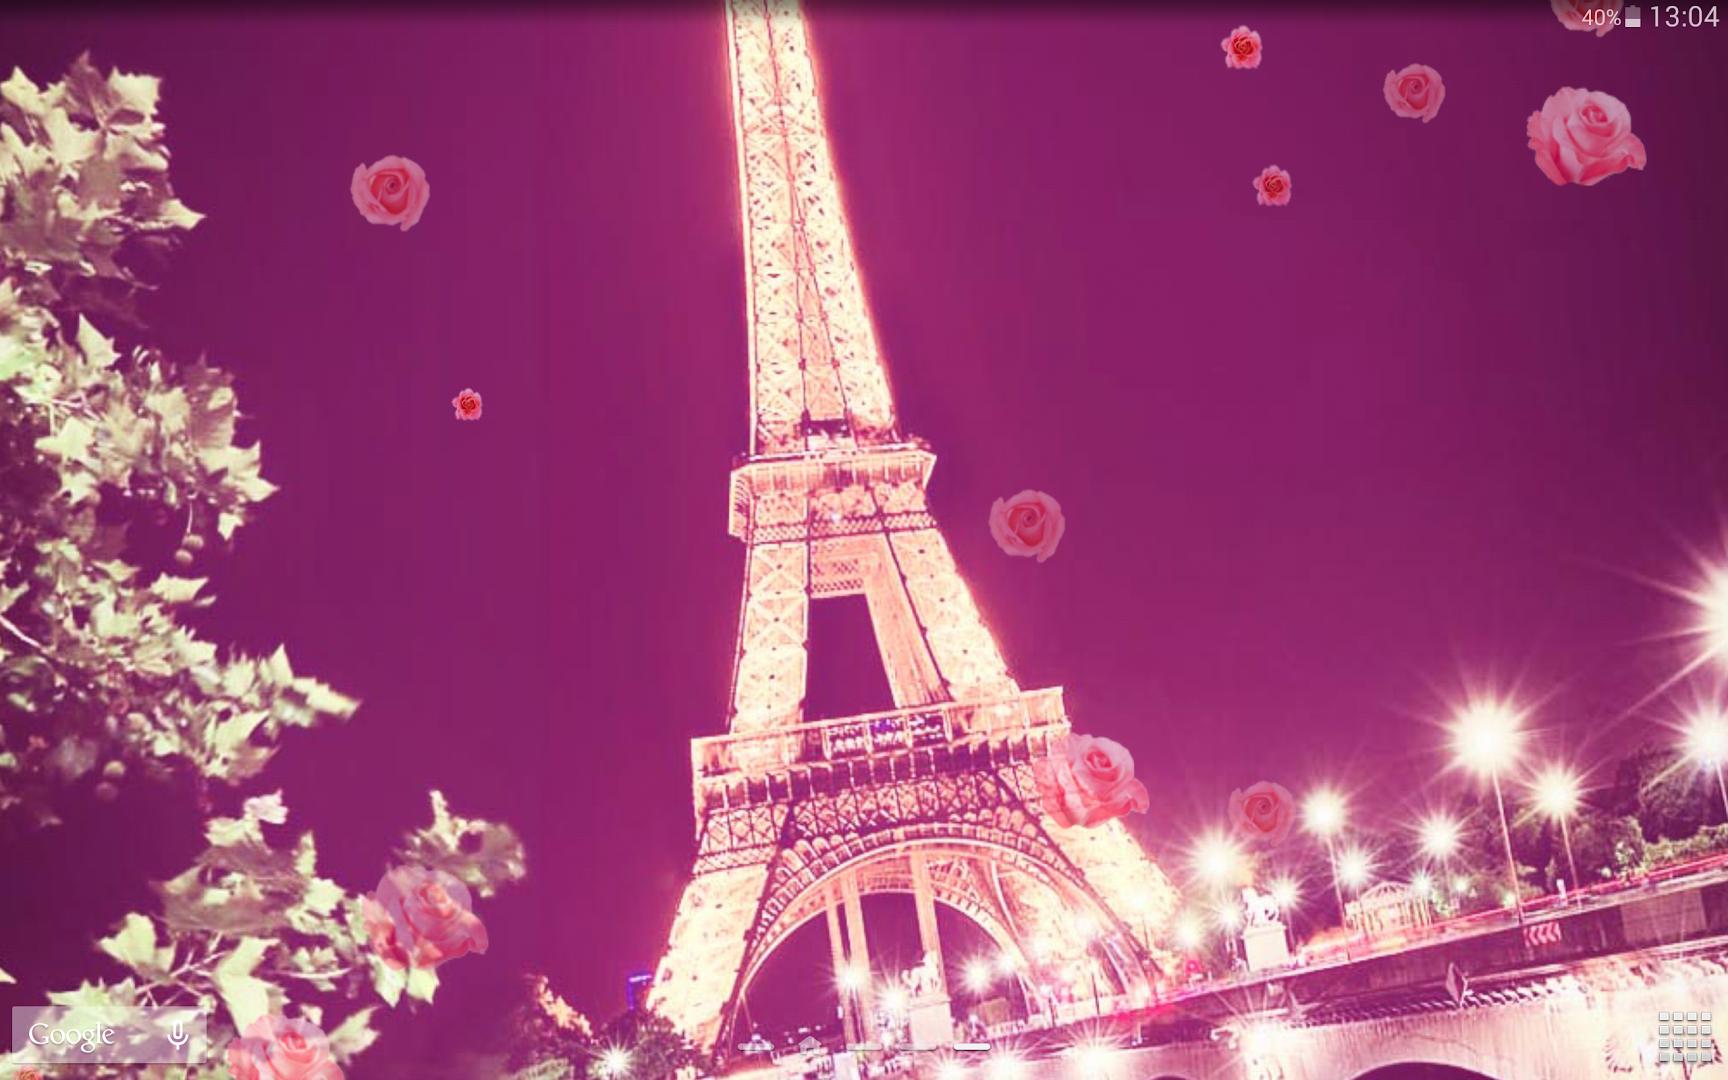 Romantic Paris Live Wallpaper Google Play Store Revenue